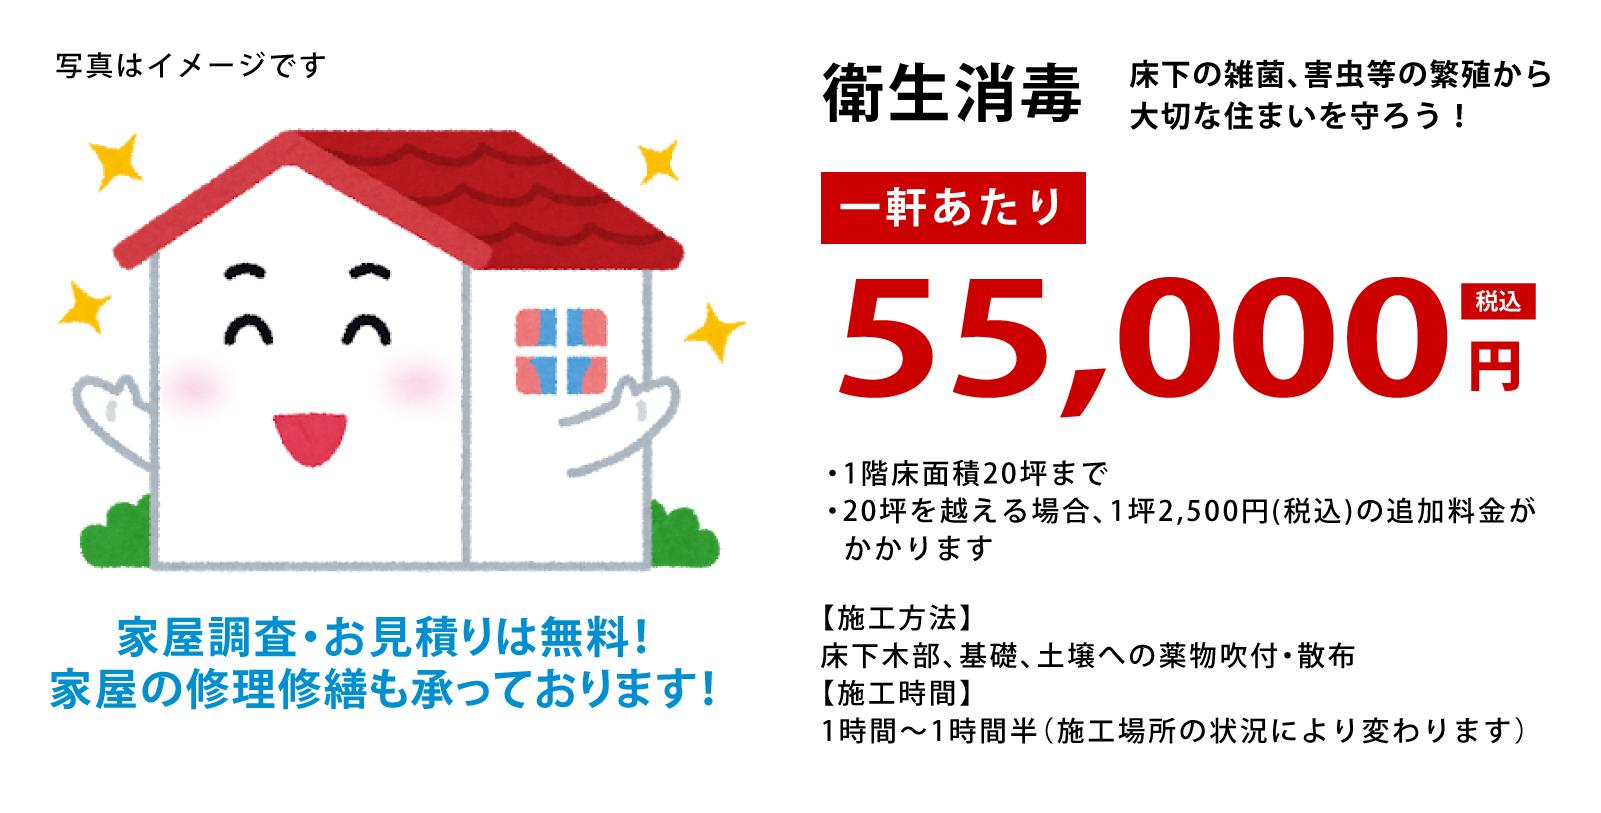 床下衛生消毒 一軒あたり55,000円 家屋調査・お見積りは無料